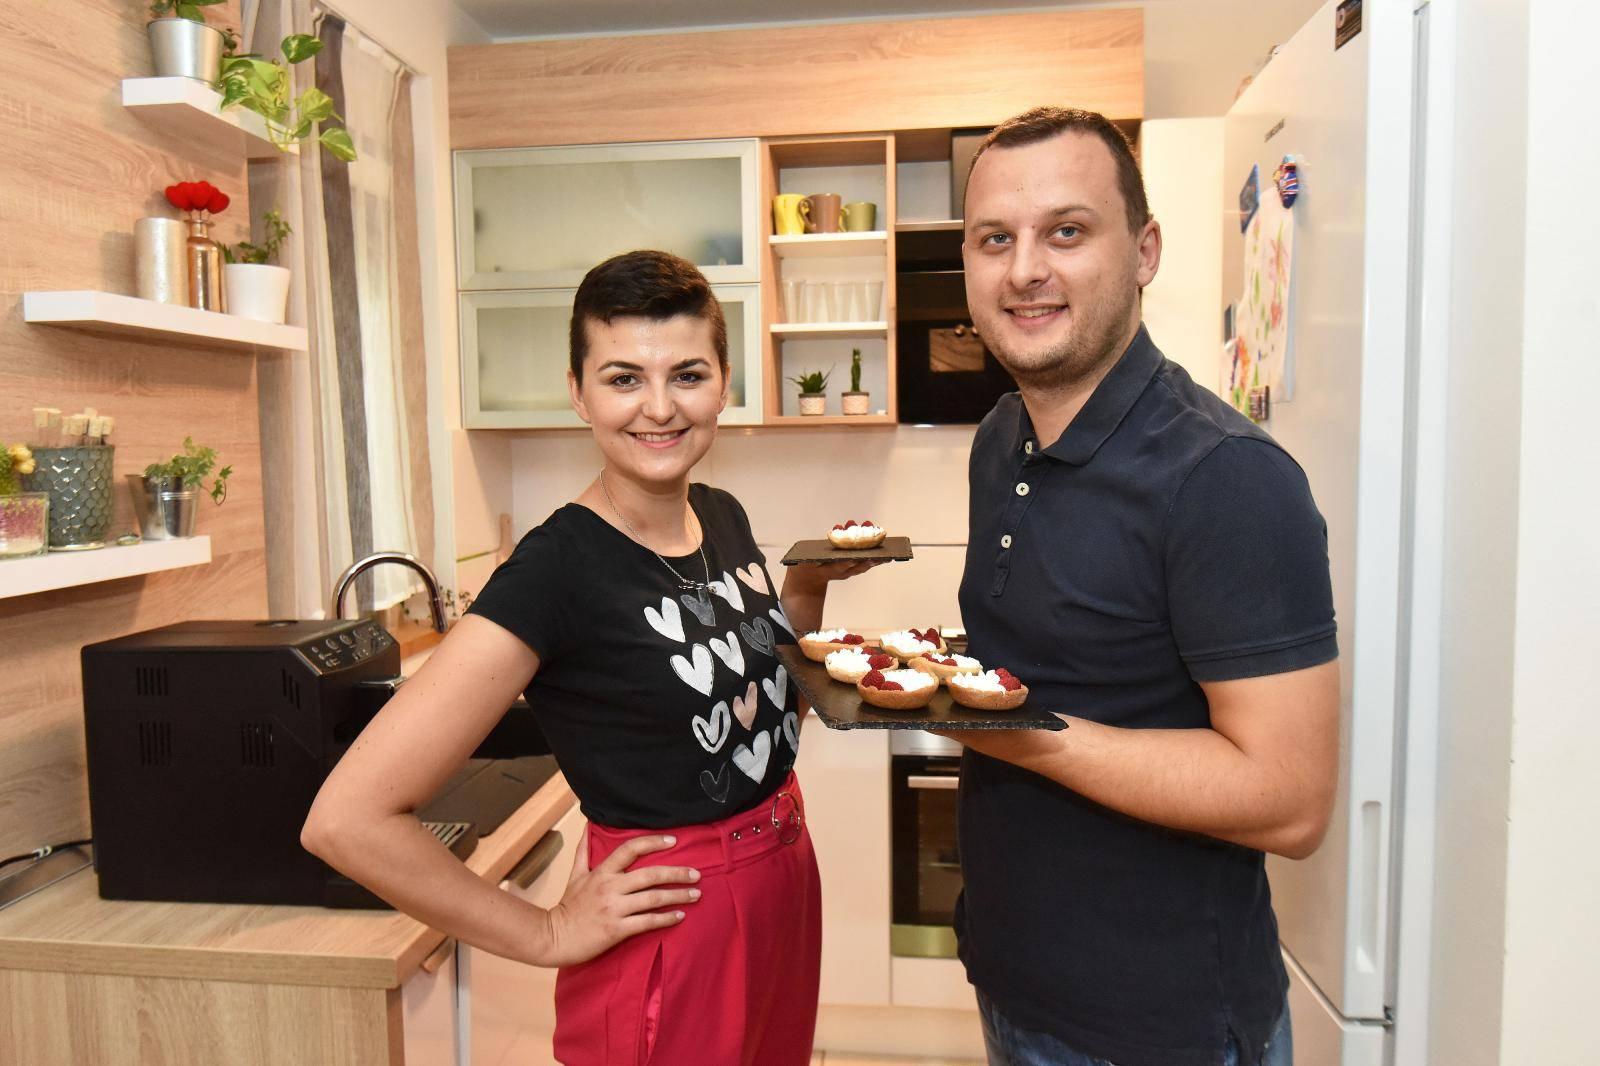 Pišući blog o kolačima borila se s opakim Hodgkinom i - uspjela